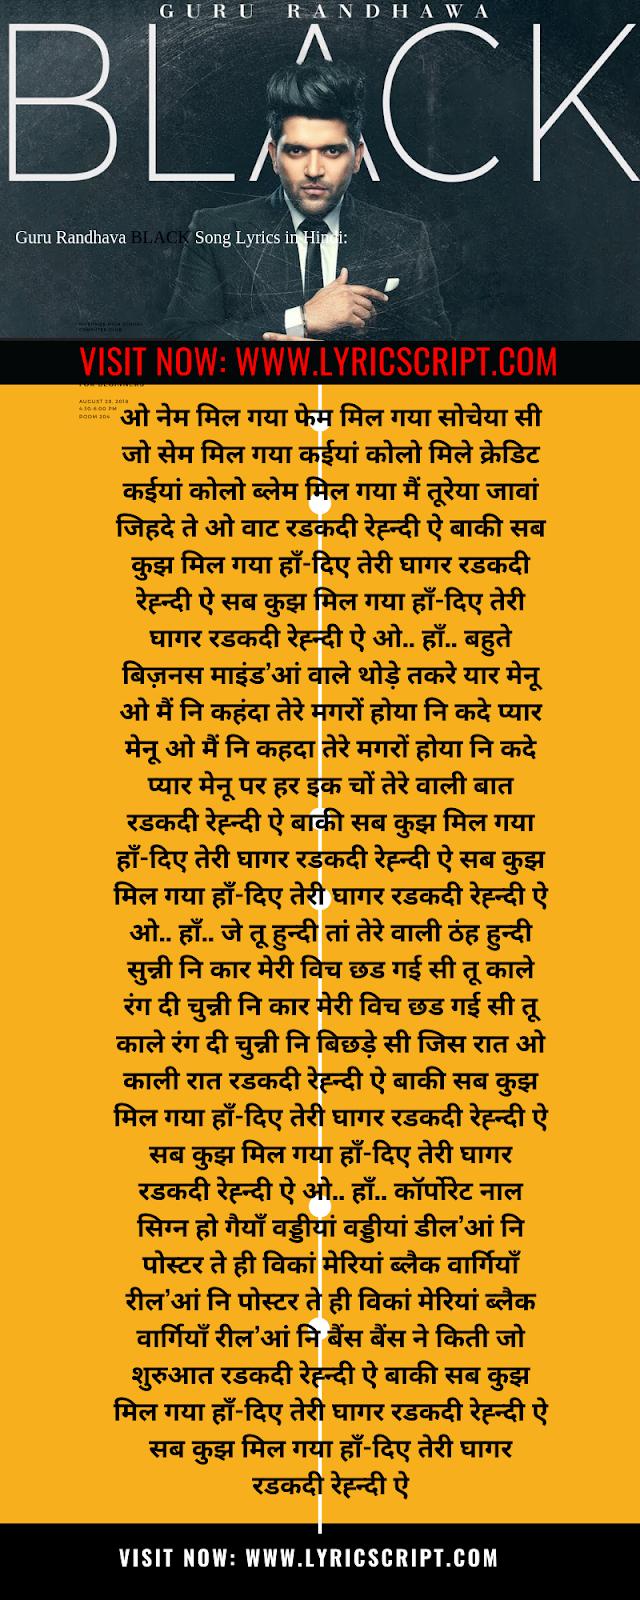 Guru Randhawa BLACK Song Lyrics